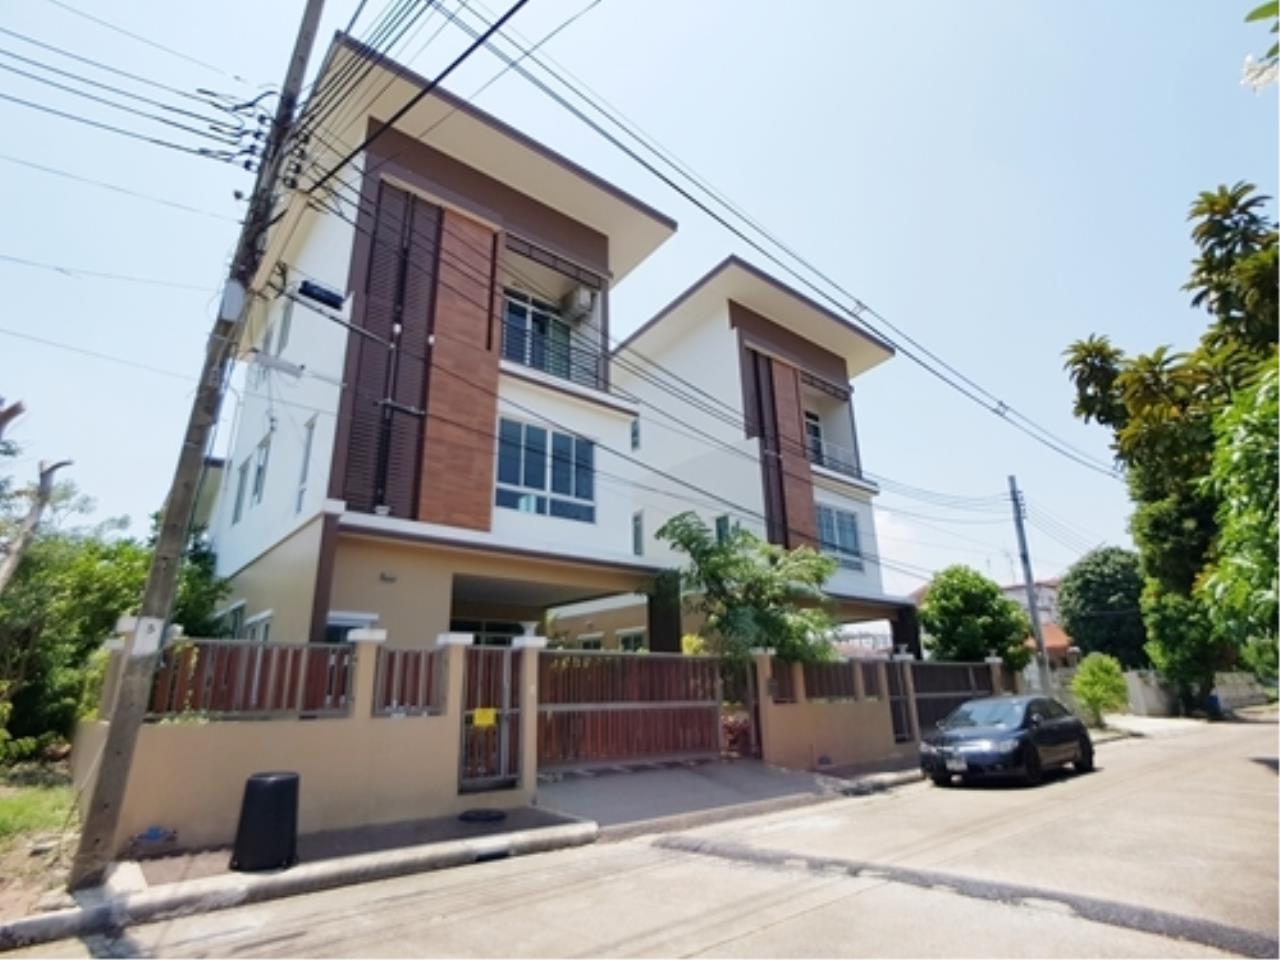 ขายบ้าน ศาลาธรรมสพน์ ทวีวัฒนา กรุงเทพมหานคร, ภาพที่ 2